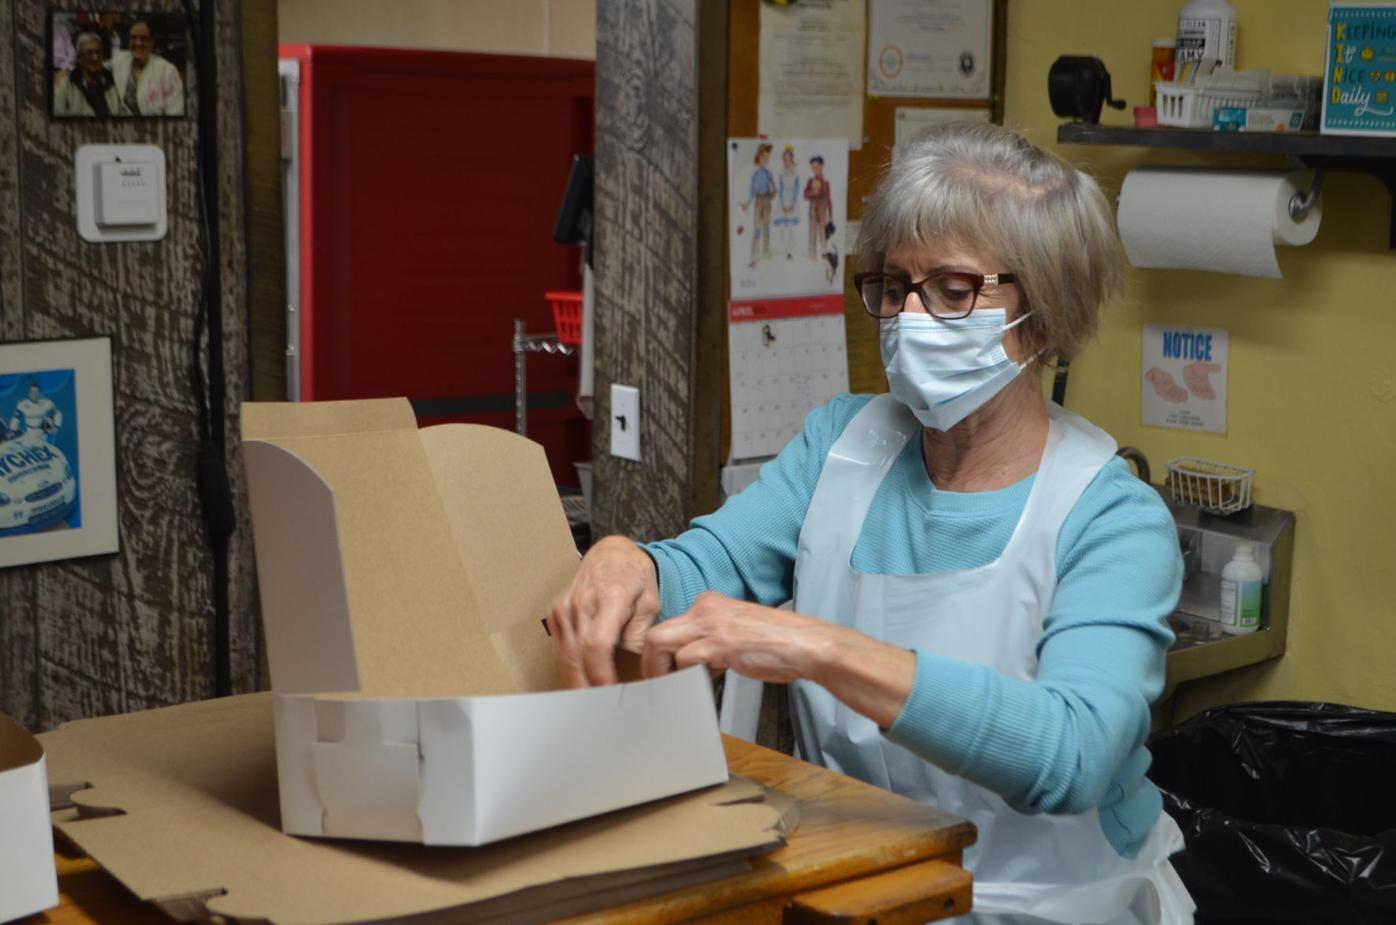 Galambus prepares boxes